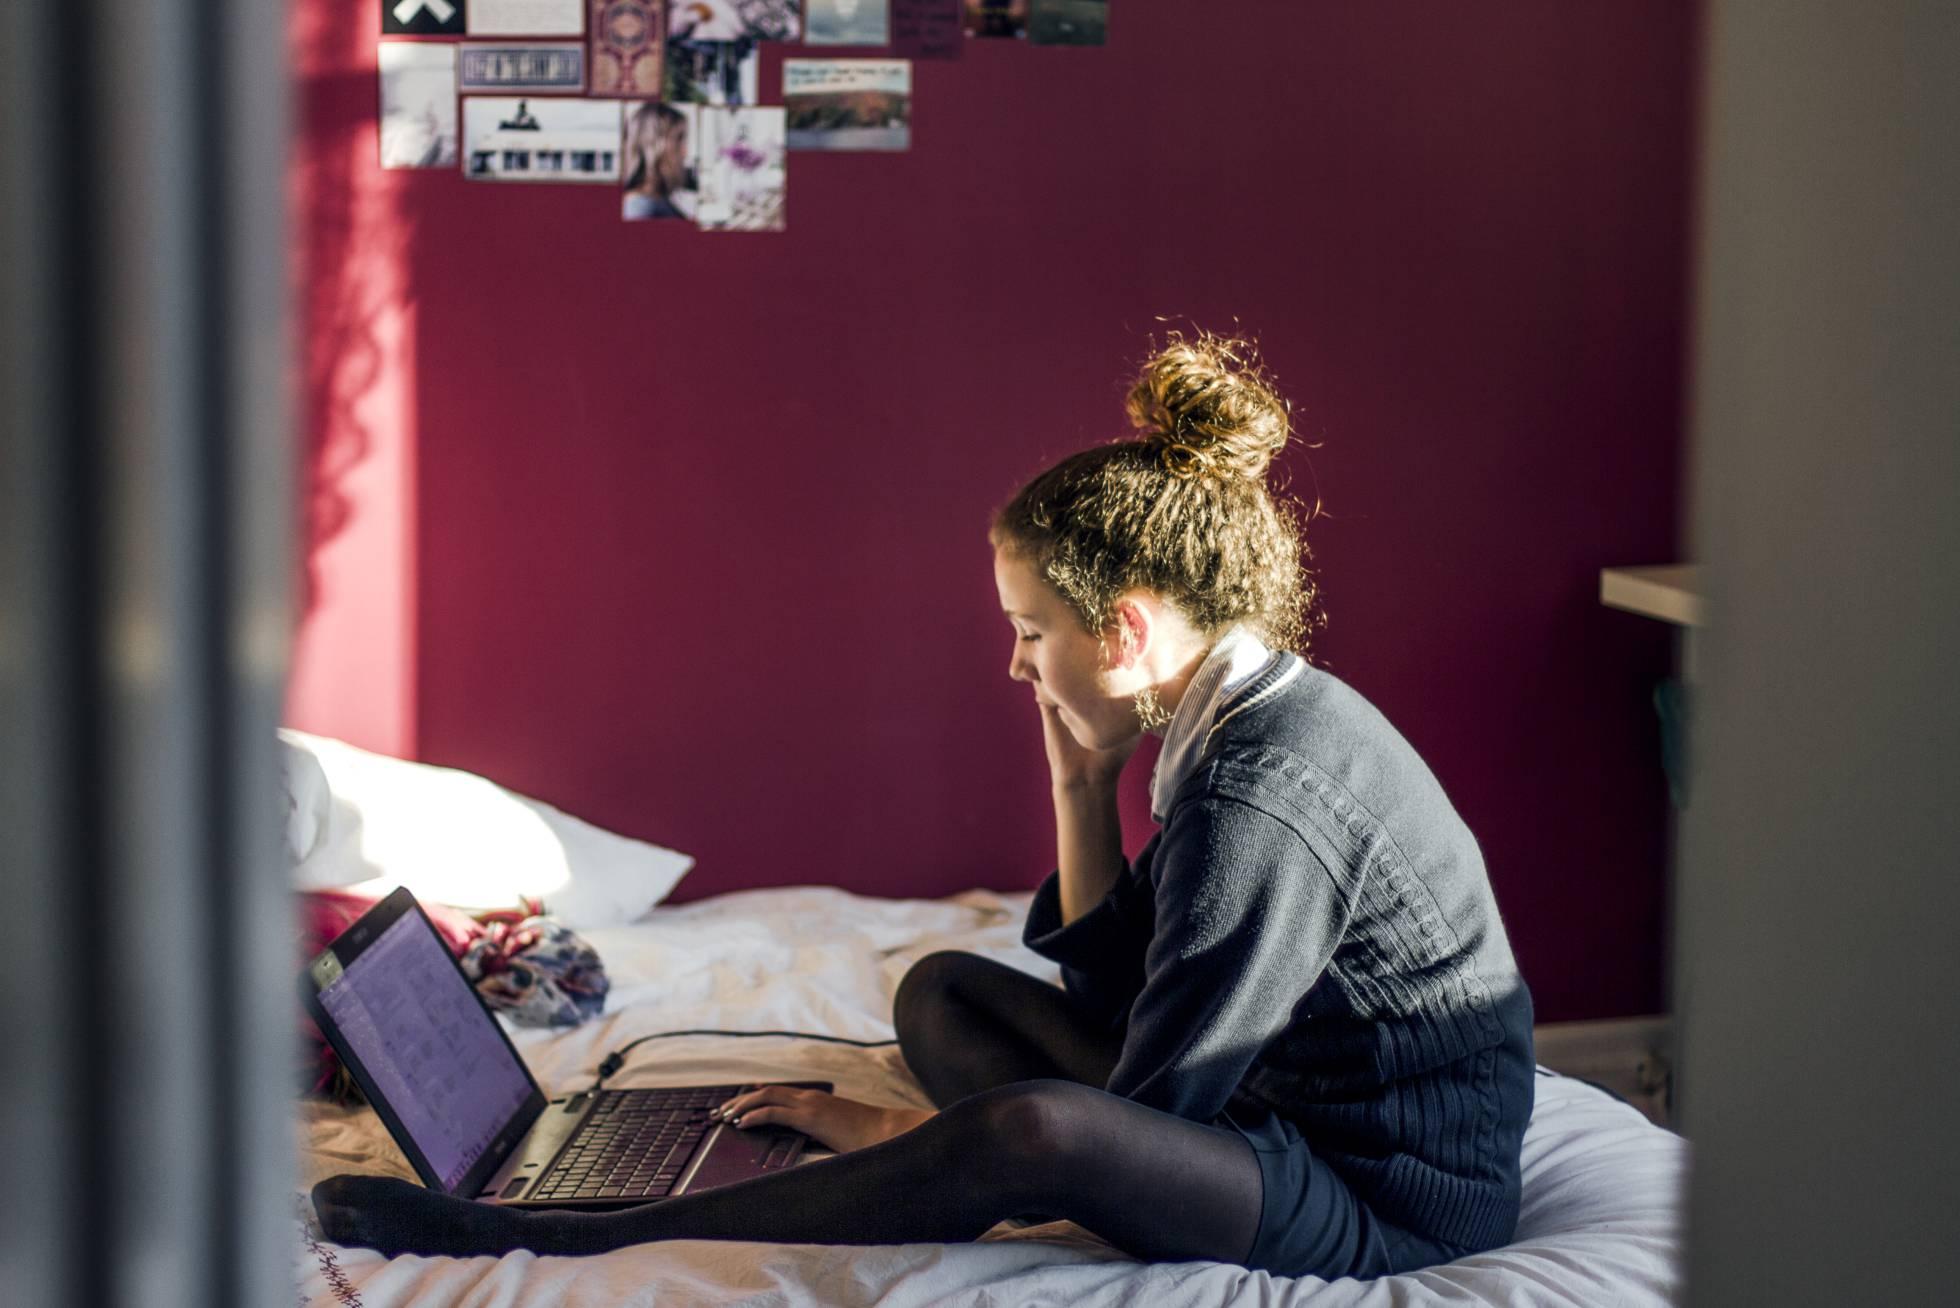 Cuantos más dispositivos electrónicos, menos tiempo de estudio